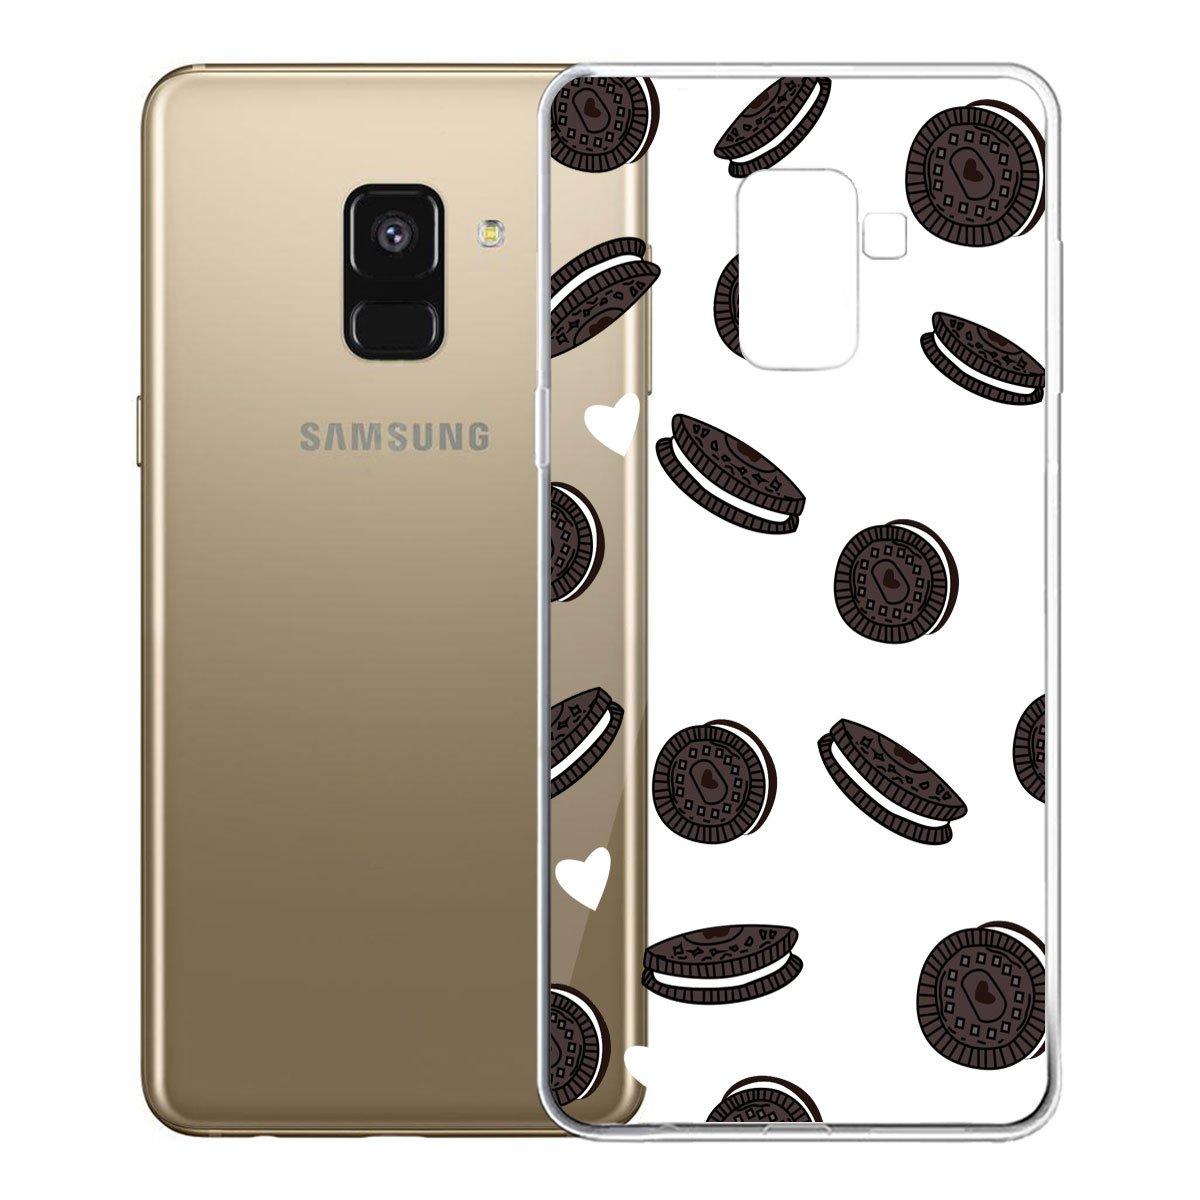 5.6 Custodia per Samsung Galaxy A8 2018 IJIA Trasparente Blu Fiori Di Peonia TPU Silicone Morbido Protettivo Coperchio Skin Custodia Bumper Protettiva Case Cover per Samsung Galaxy A8 2018 SM-A530